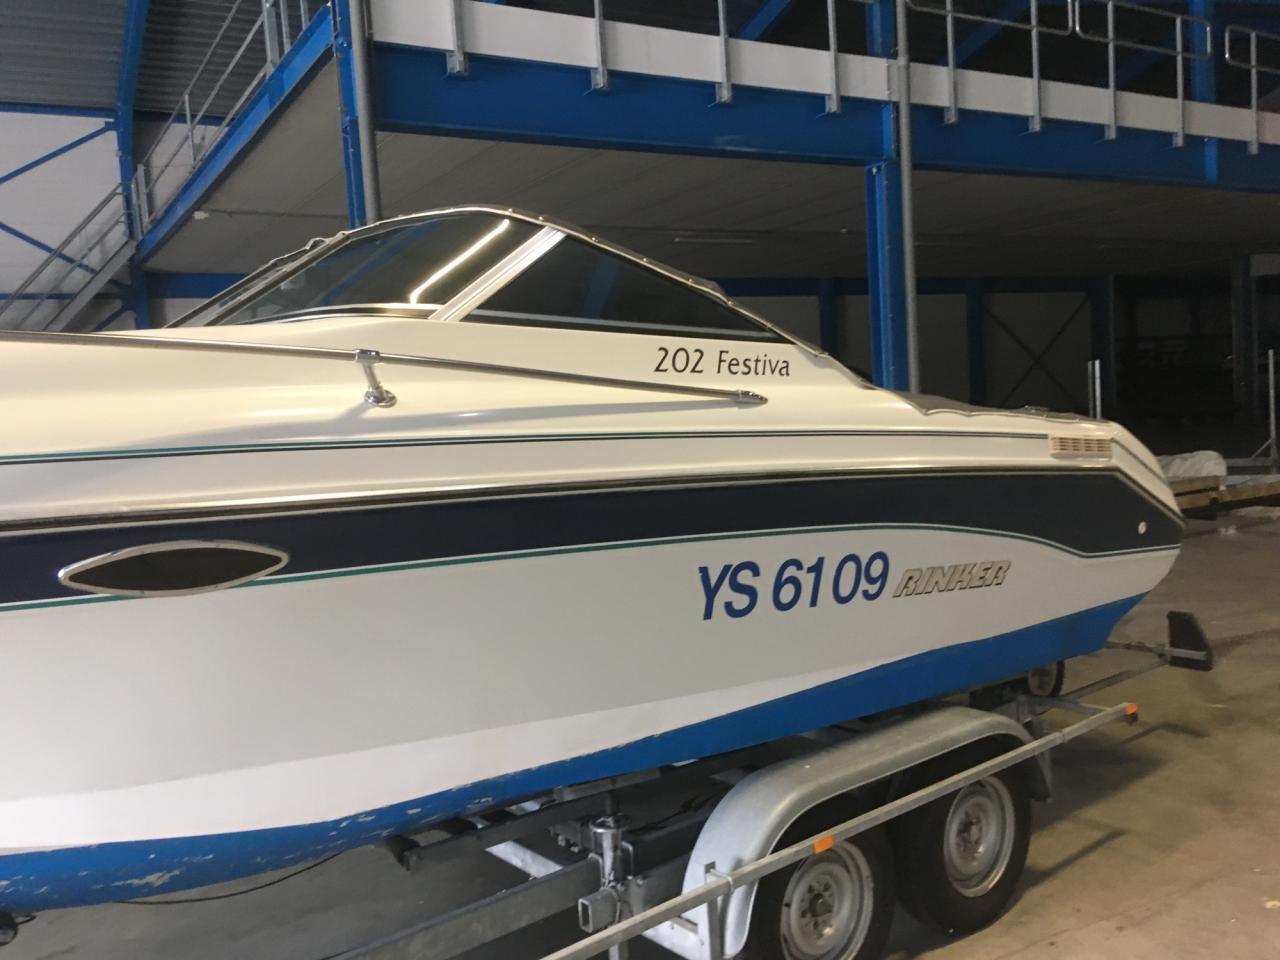 Rinker 202 Festiva met Mercruiser 4.3 liter LX 7